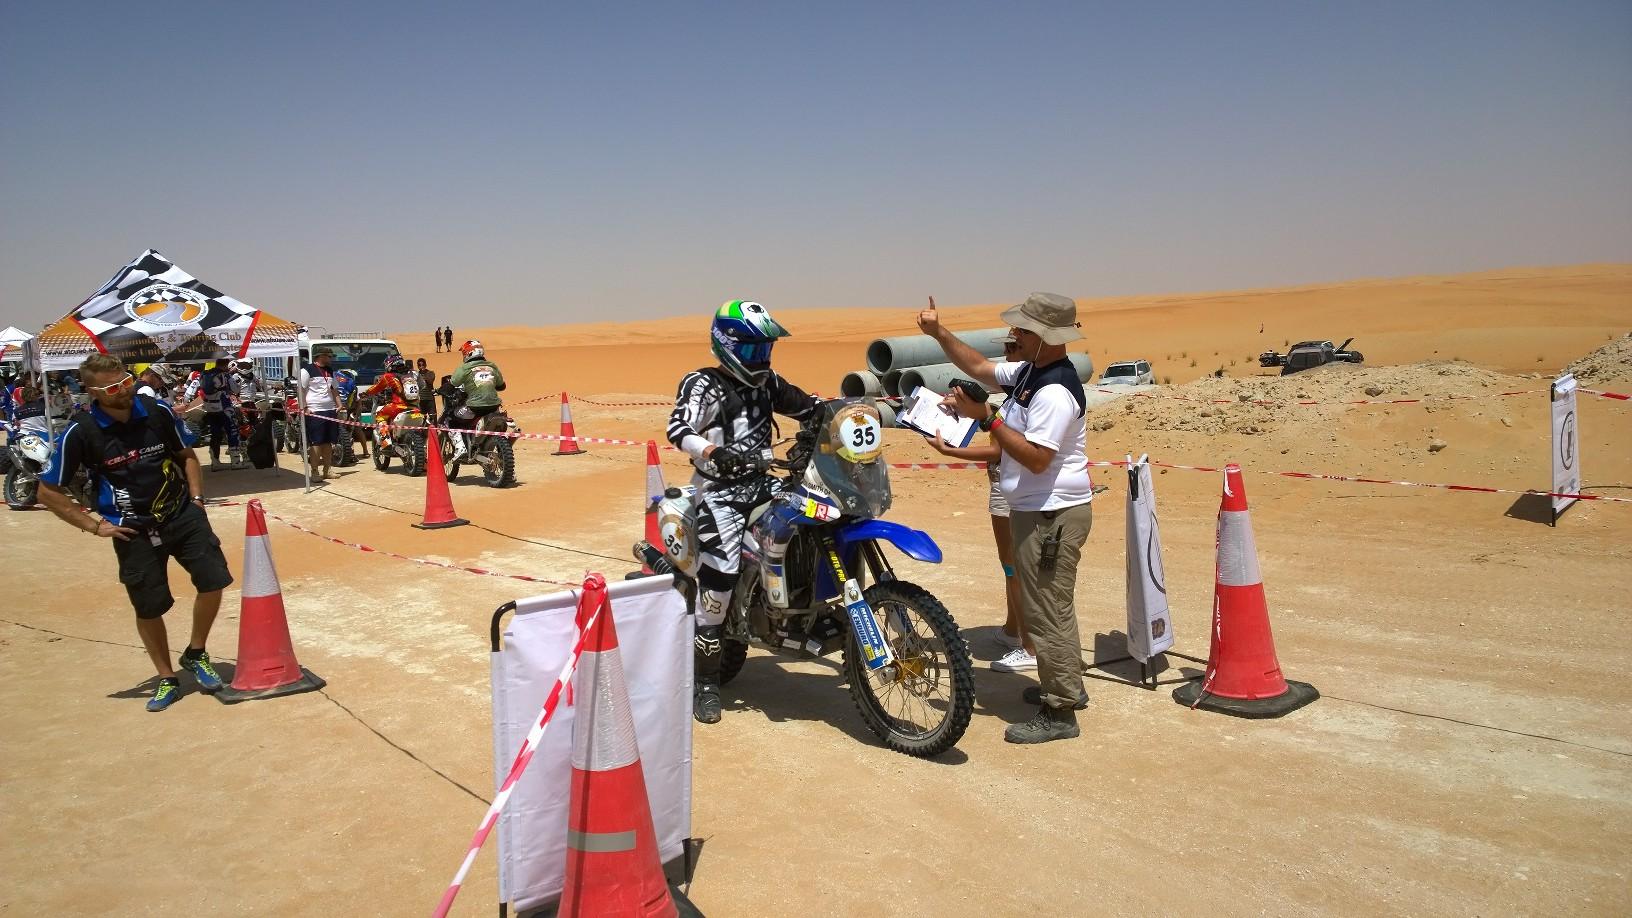 Abu Dhabi Desert Challenge 2015 Yamaha WR450F Rally 1